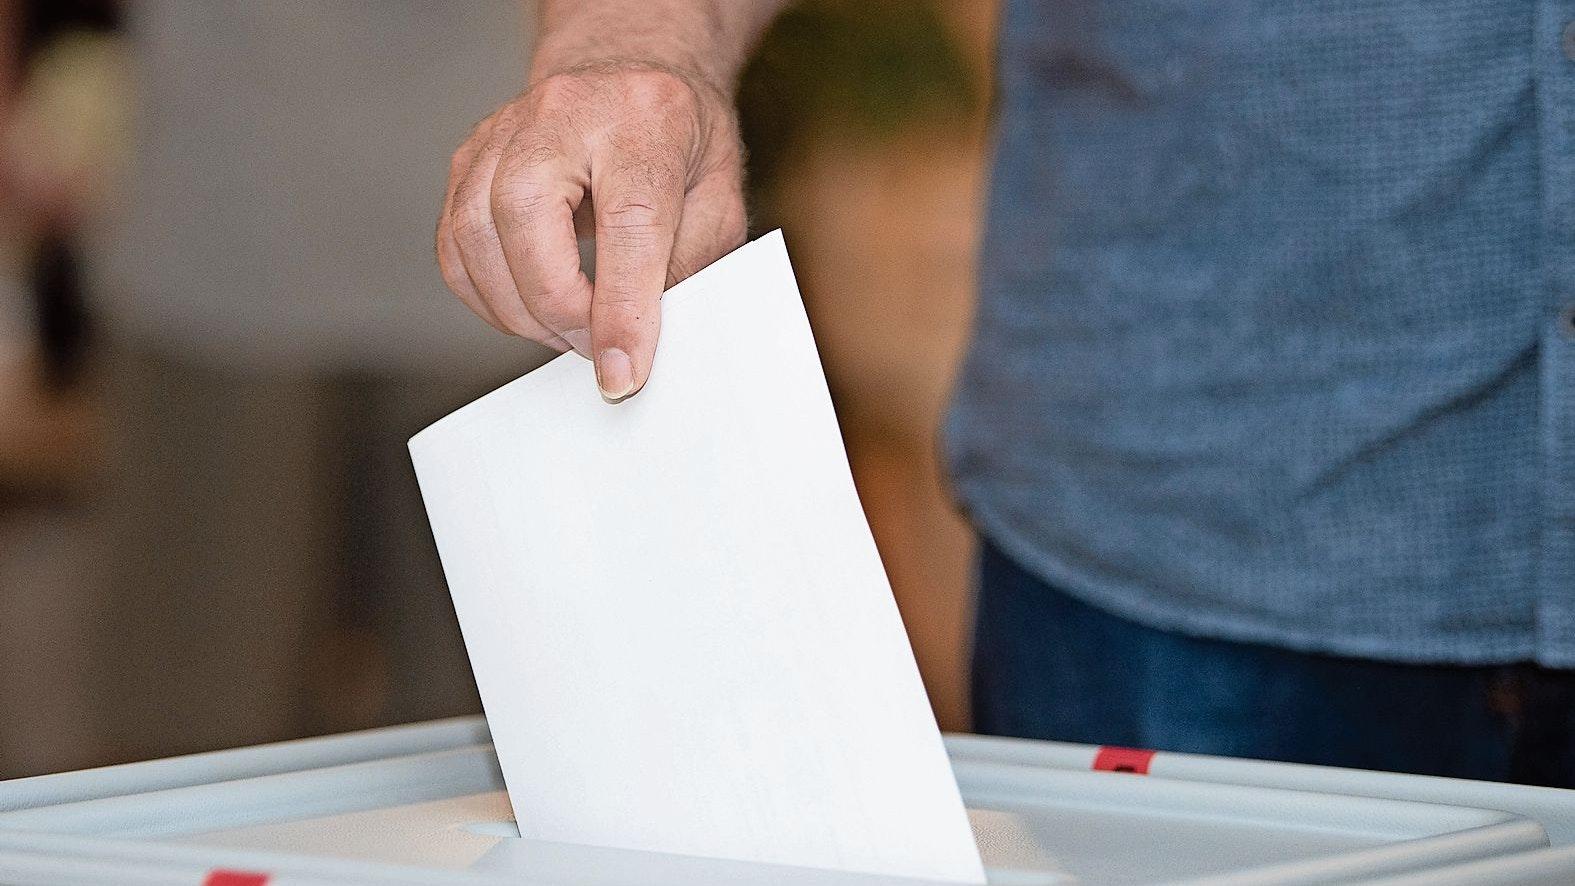 Freie Entscheidung: Am 26. September wird ein neuer Bundestag gewählt. Foto: dpa <br>